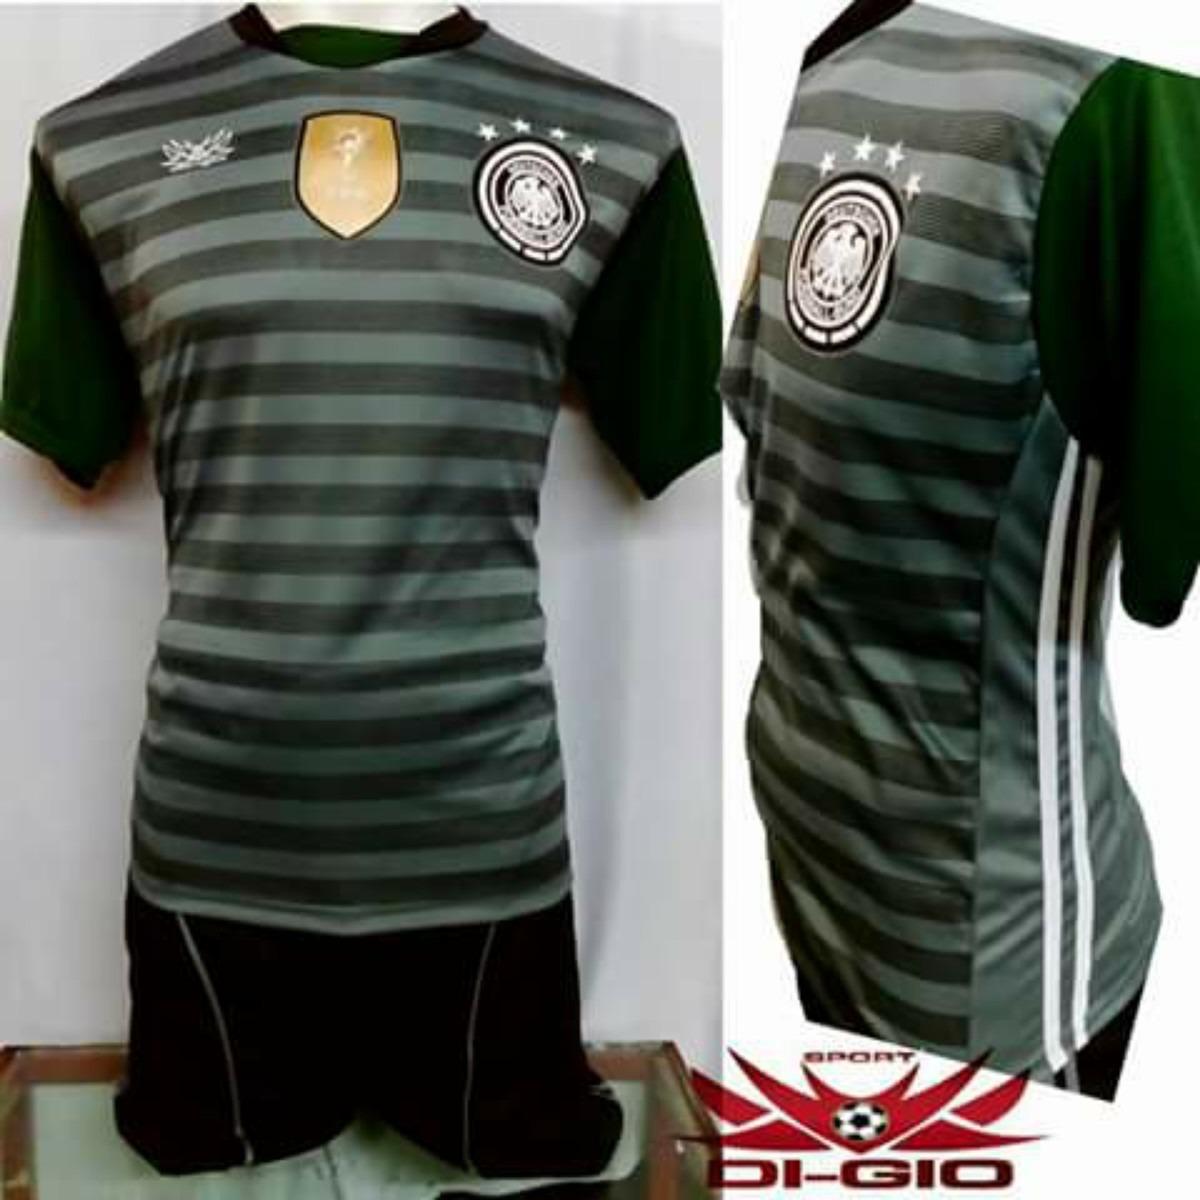 99928ad23a6 Uniformes De Fútbol Soccer -   140.00 en Mercado Libre